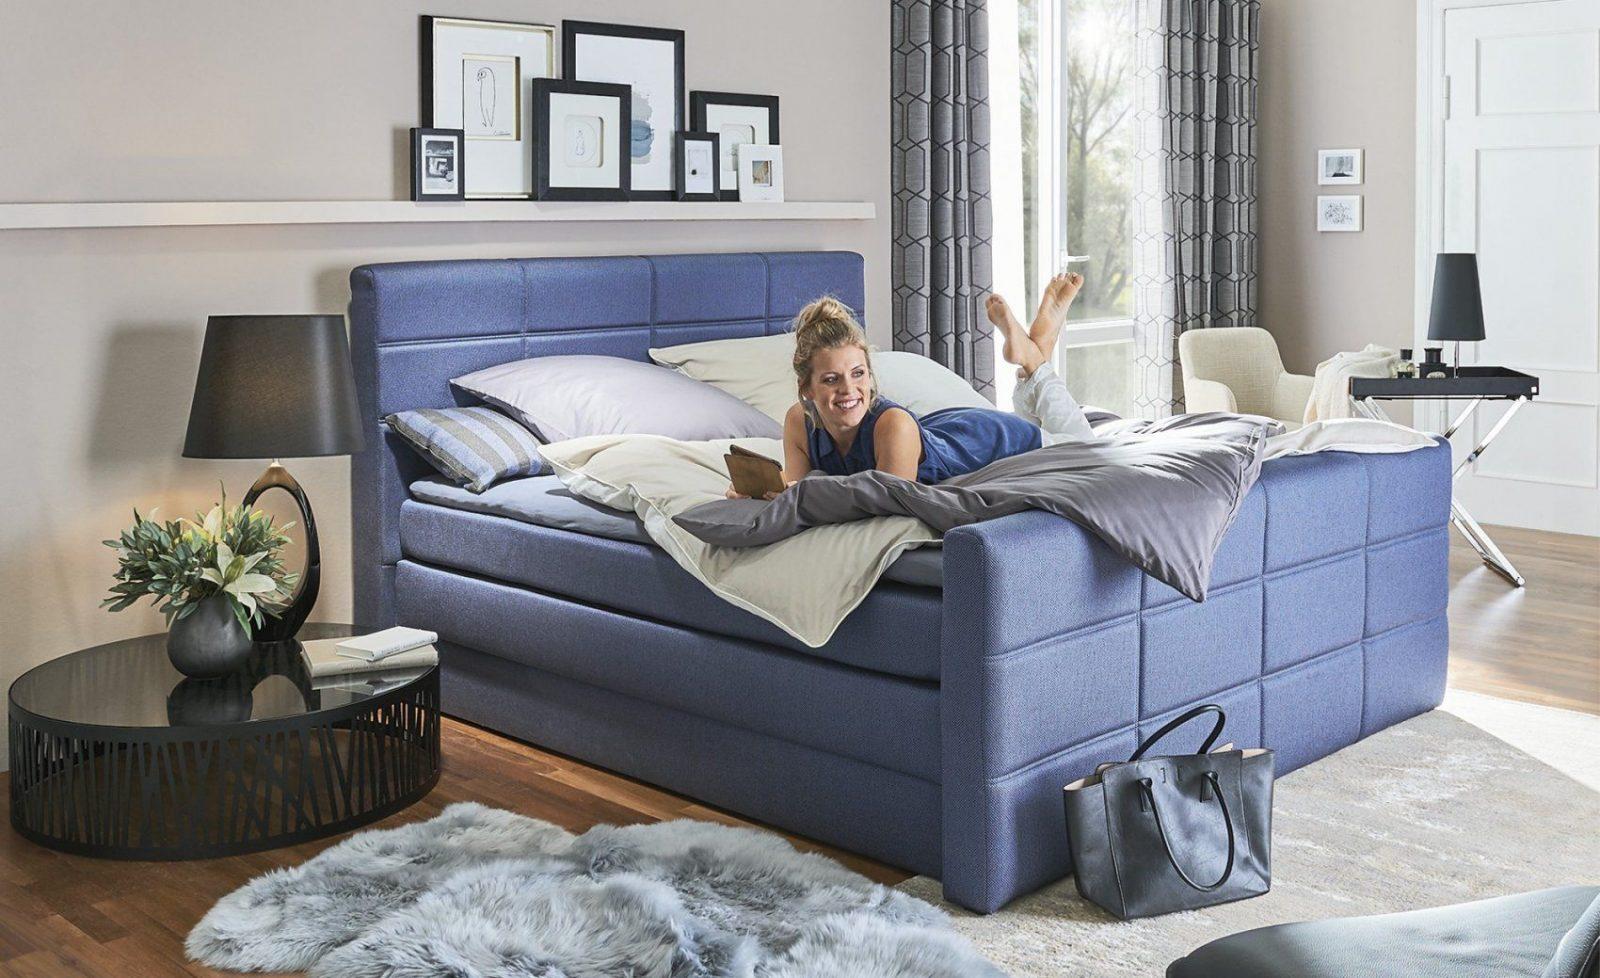 einzelboxspringbett mit bettkasten 90x200 grau h ffner von boxspringbett mit bettkasten h ffner. Black Bedroom Furniture Sets. Home Design Ideas